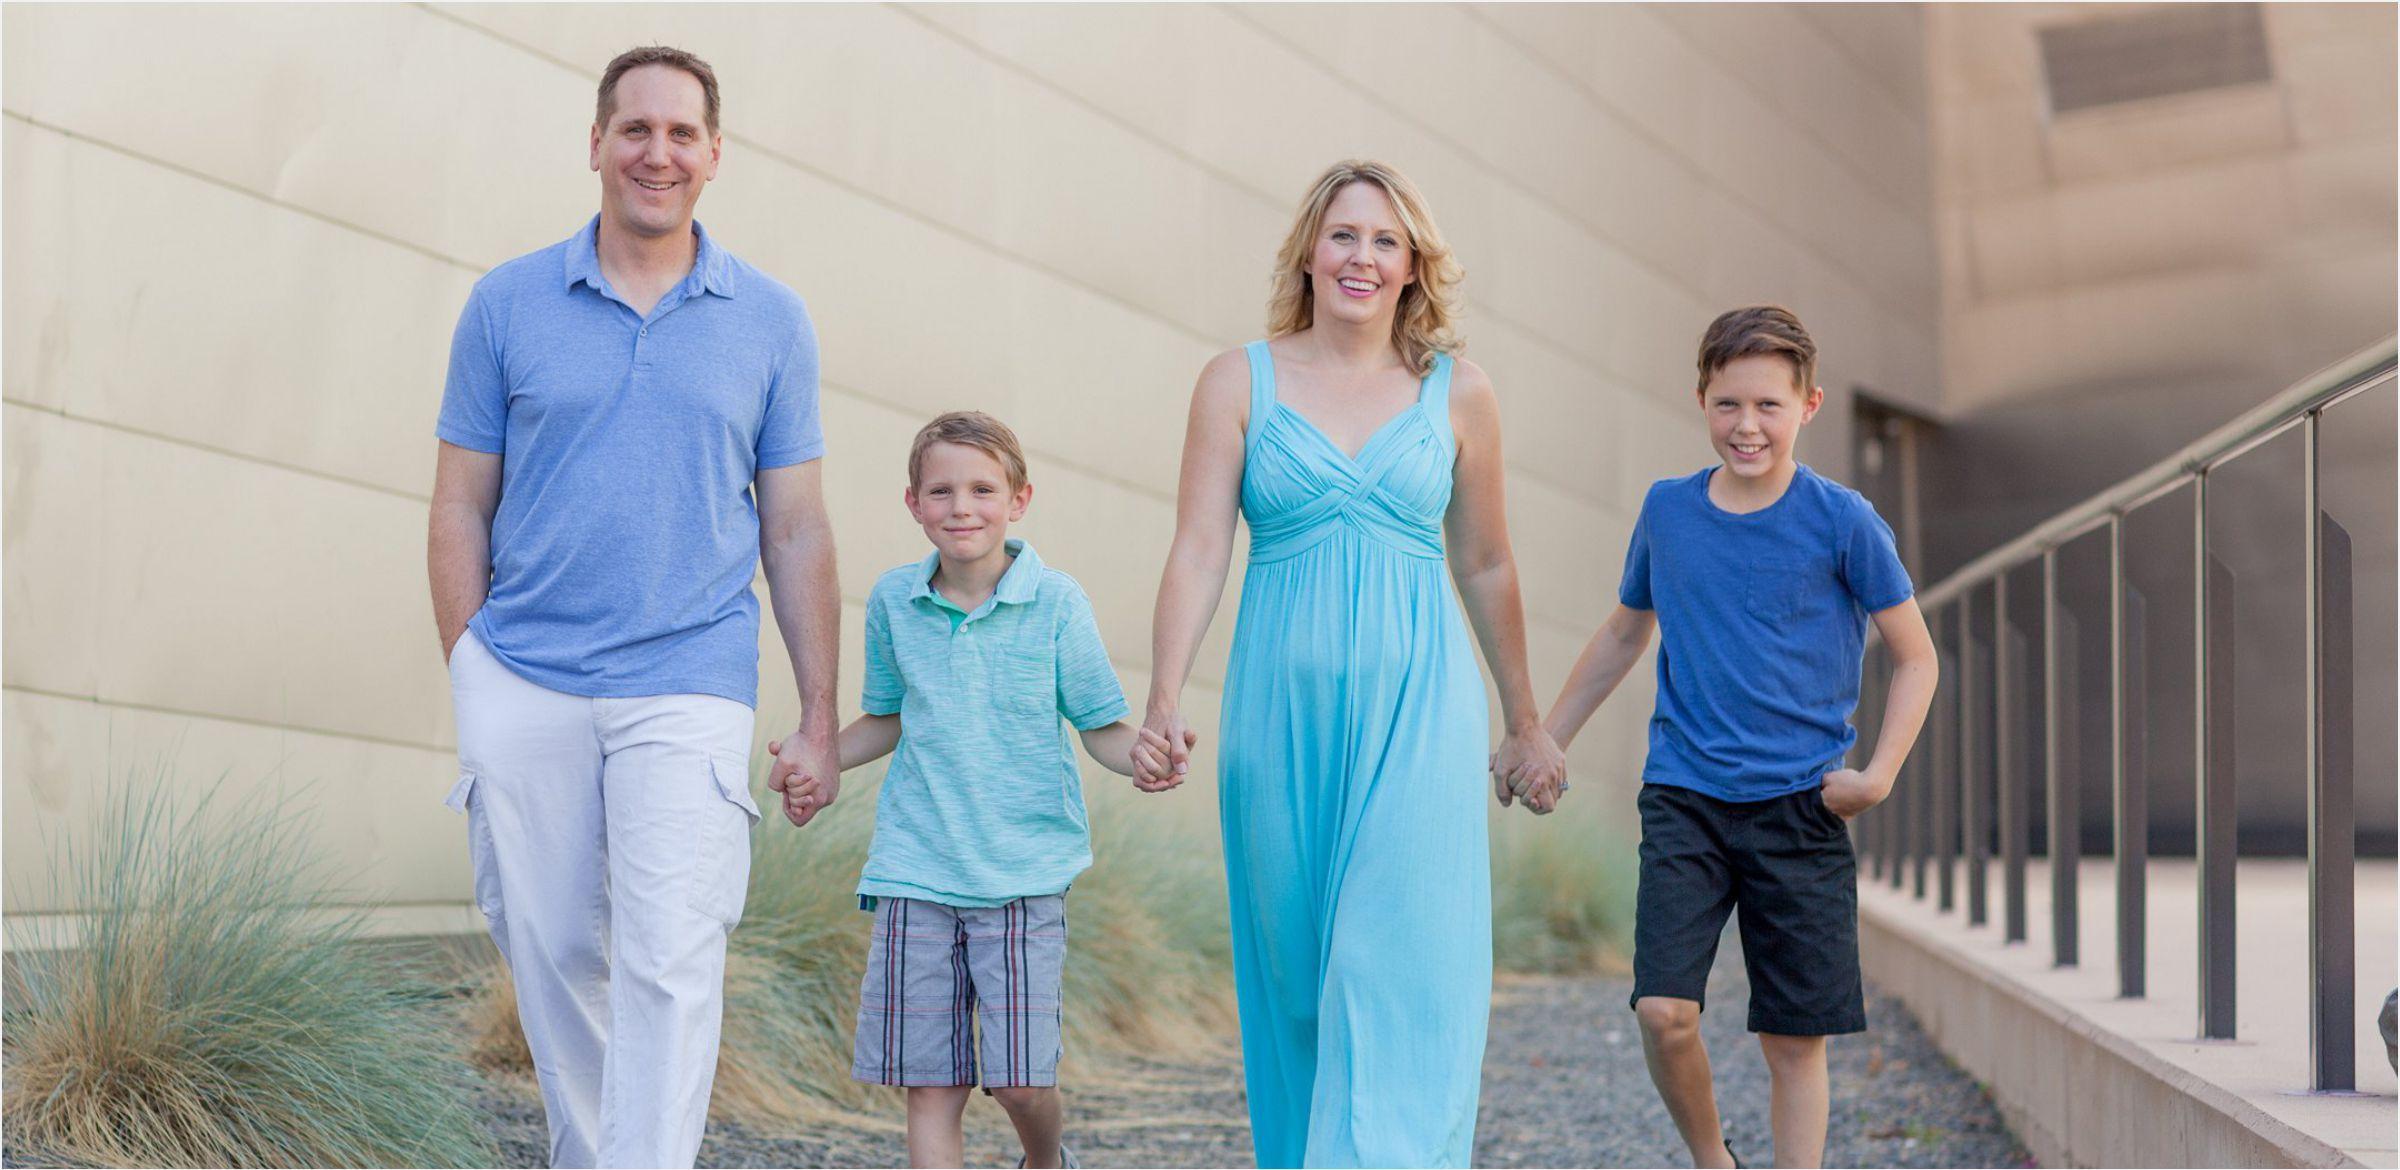 03-Denver Family Photography.jpg